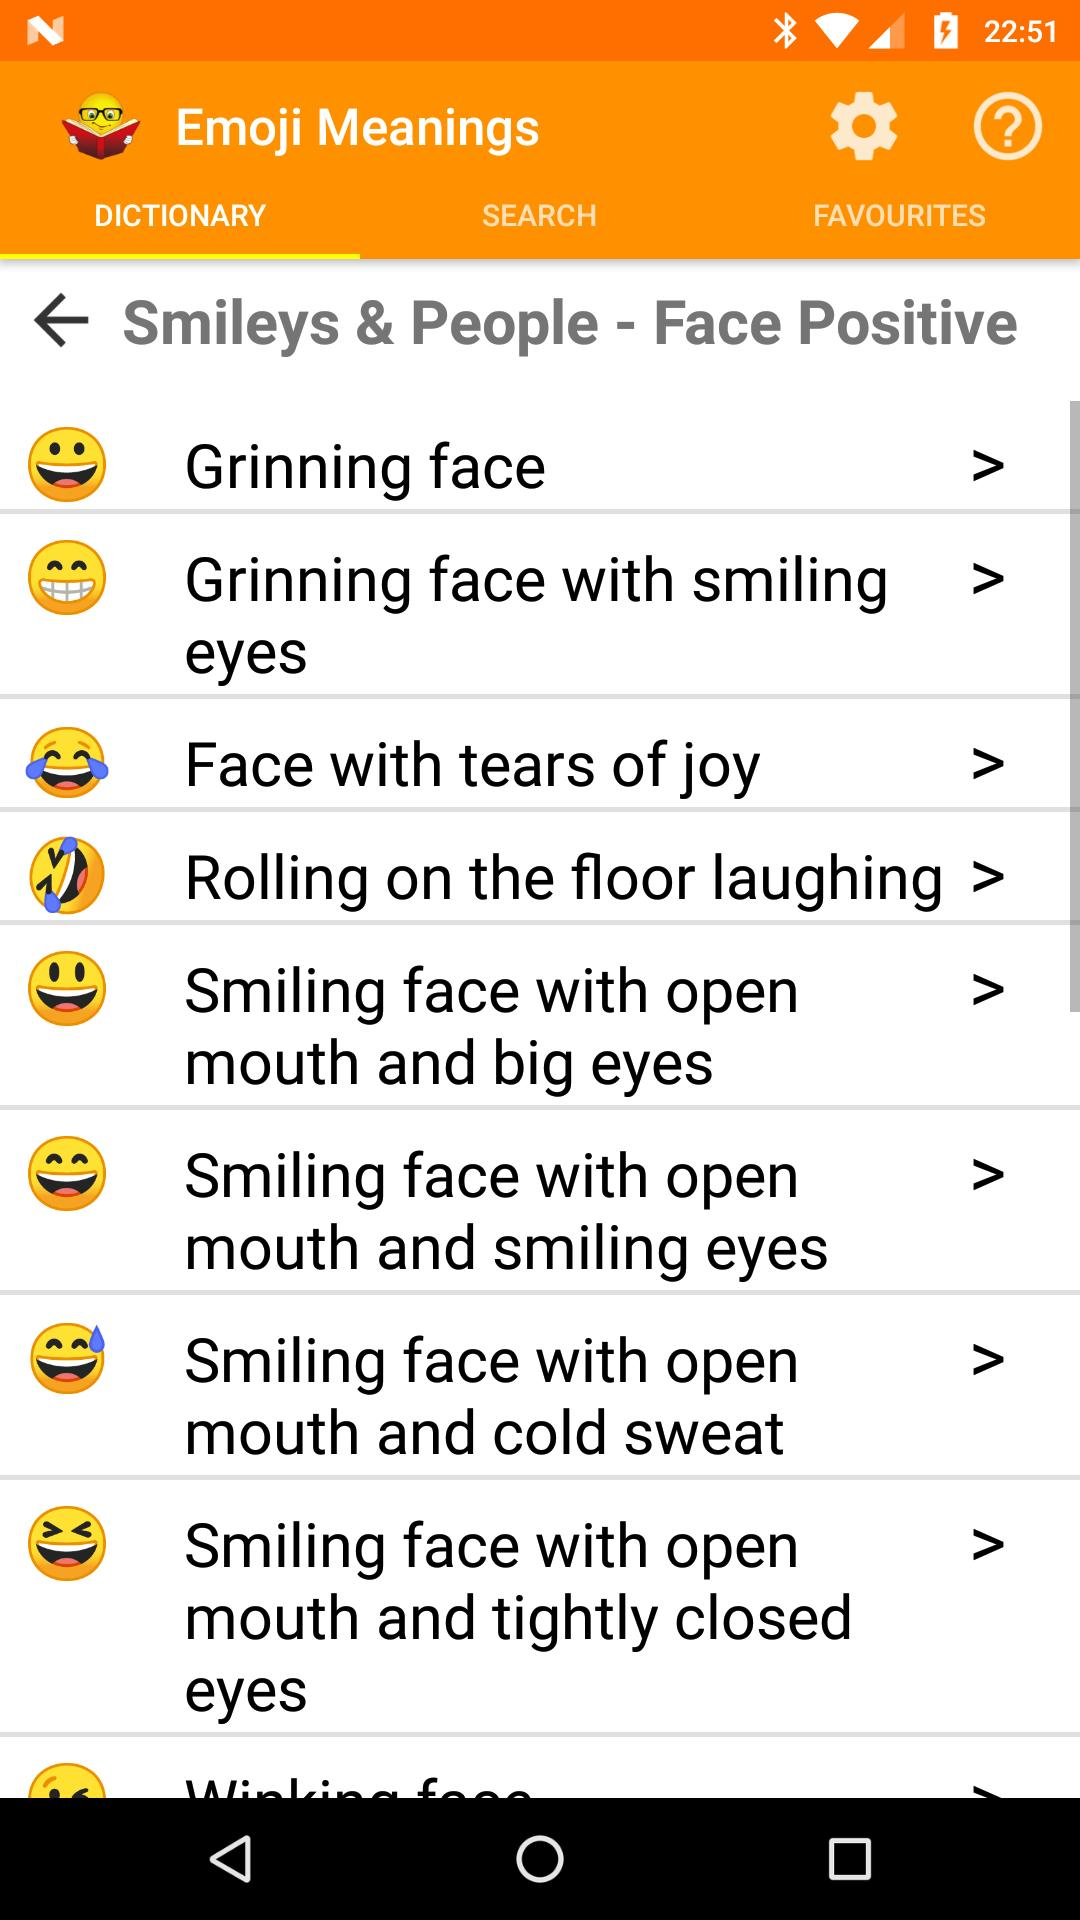 Emoji Meanings